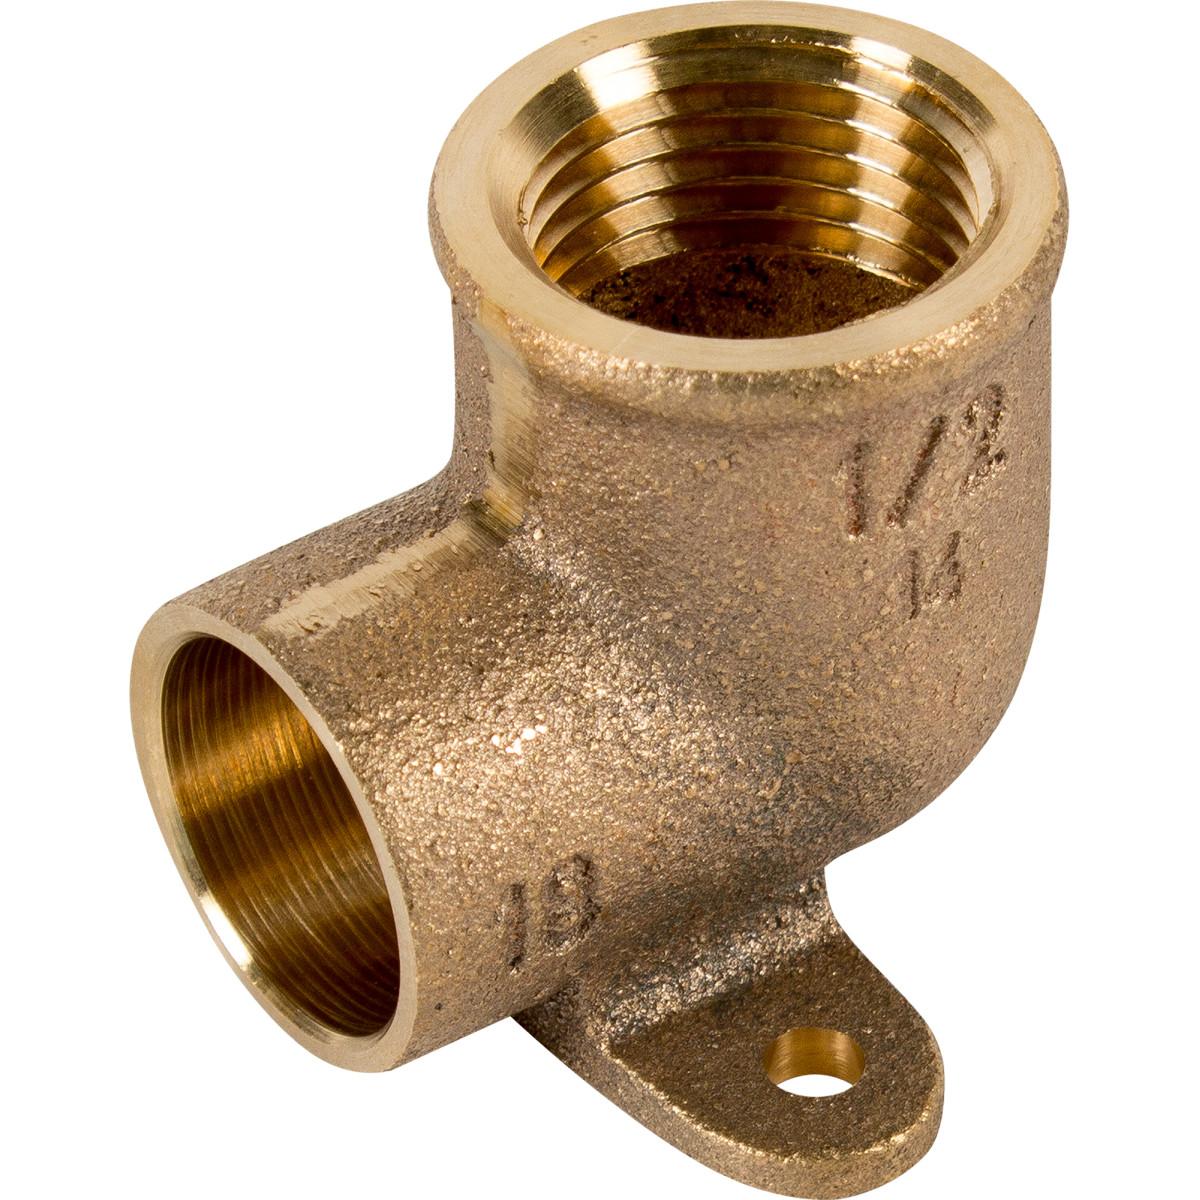 Водорозетка Viega 18х1/2 внутренняя резьба медь